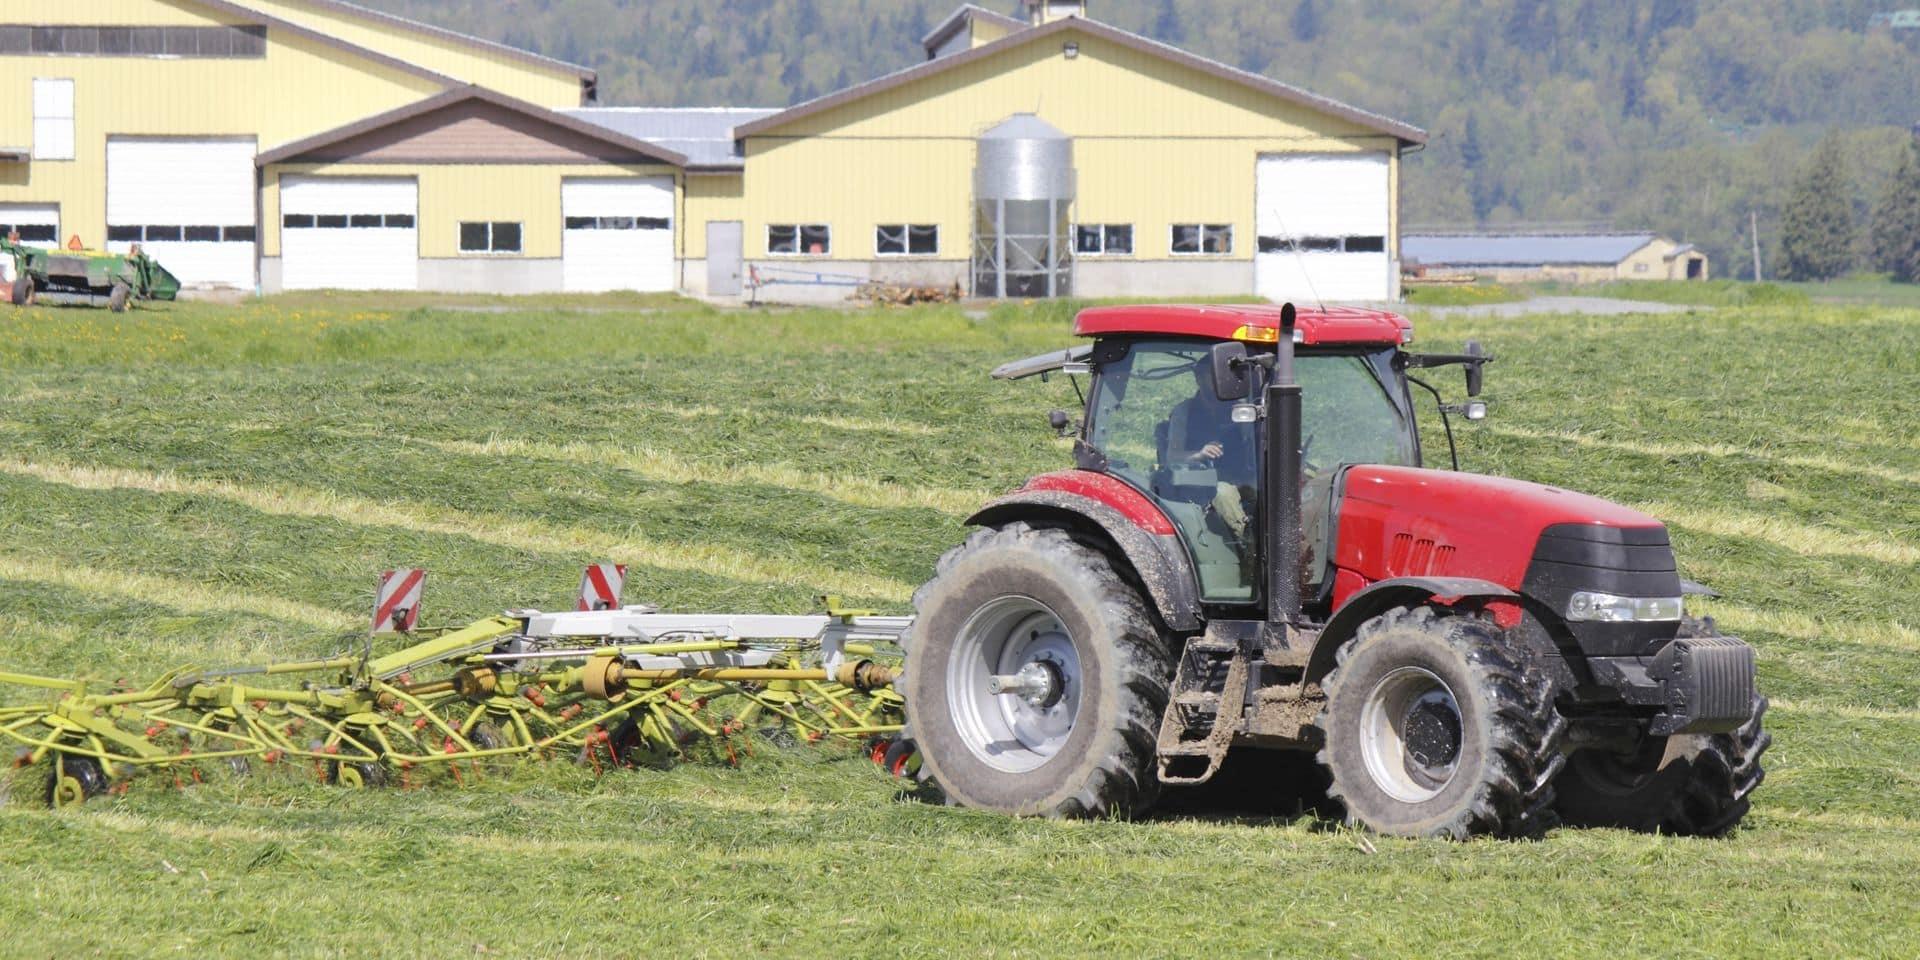 Coronavirus : une exploitation agricole allemande confinée après 174 cas positifs au coronavirus